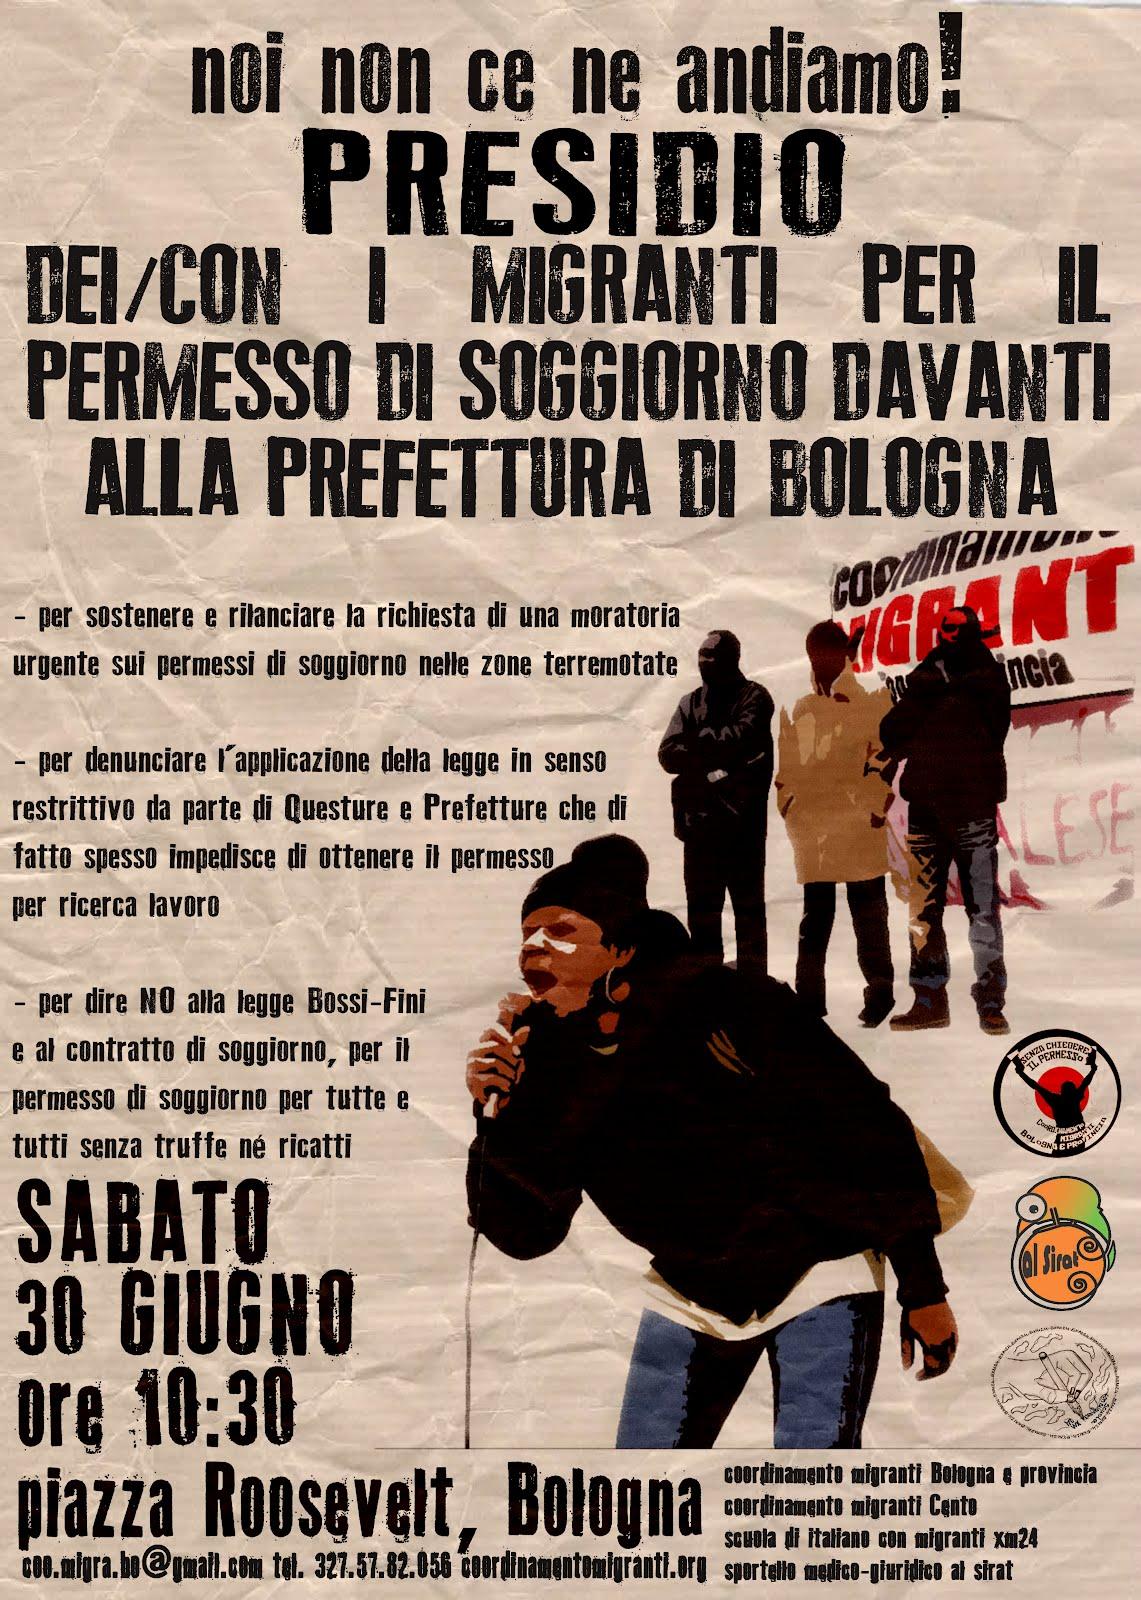 30 giugno noi non ce ne andiamo presidio dei migranti a for Regolarizzare badante senza permesso di soggiorno